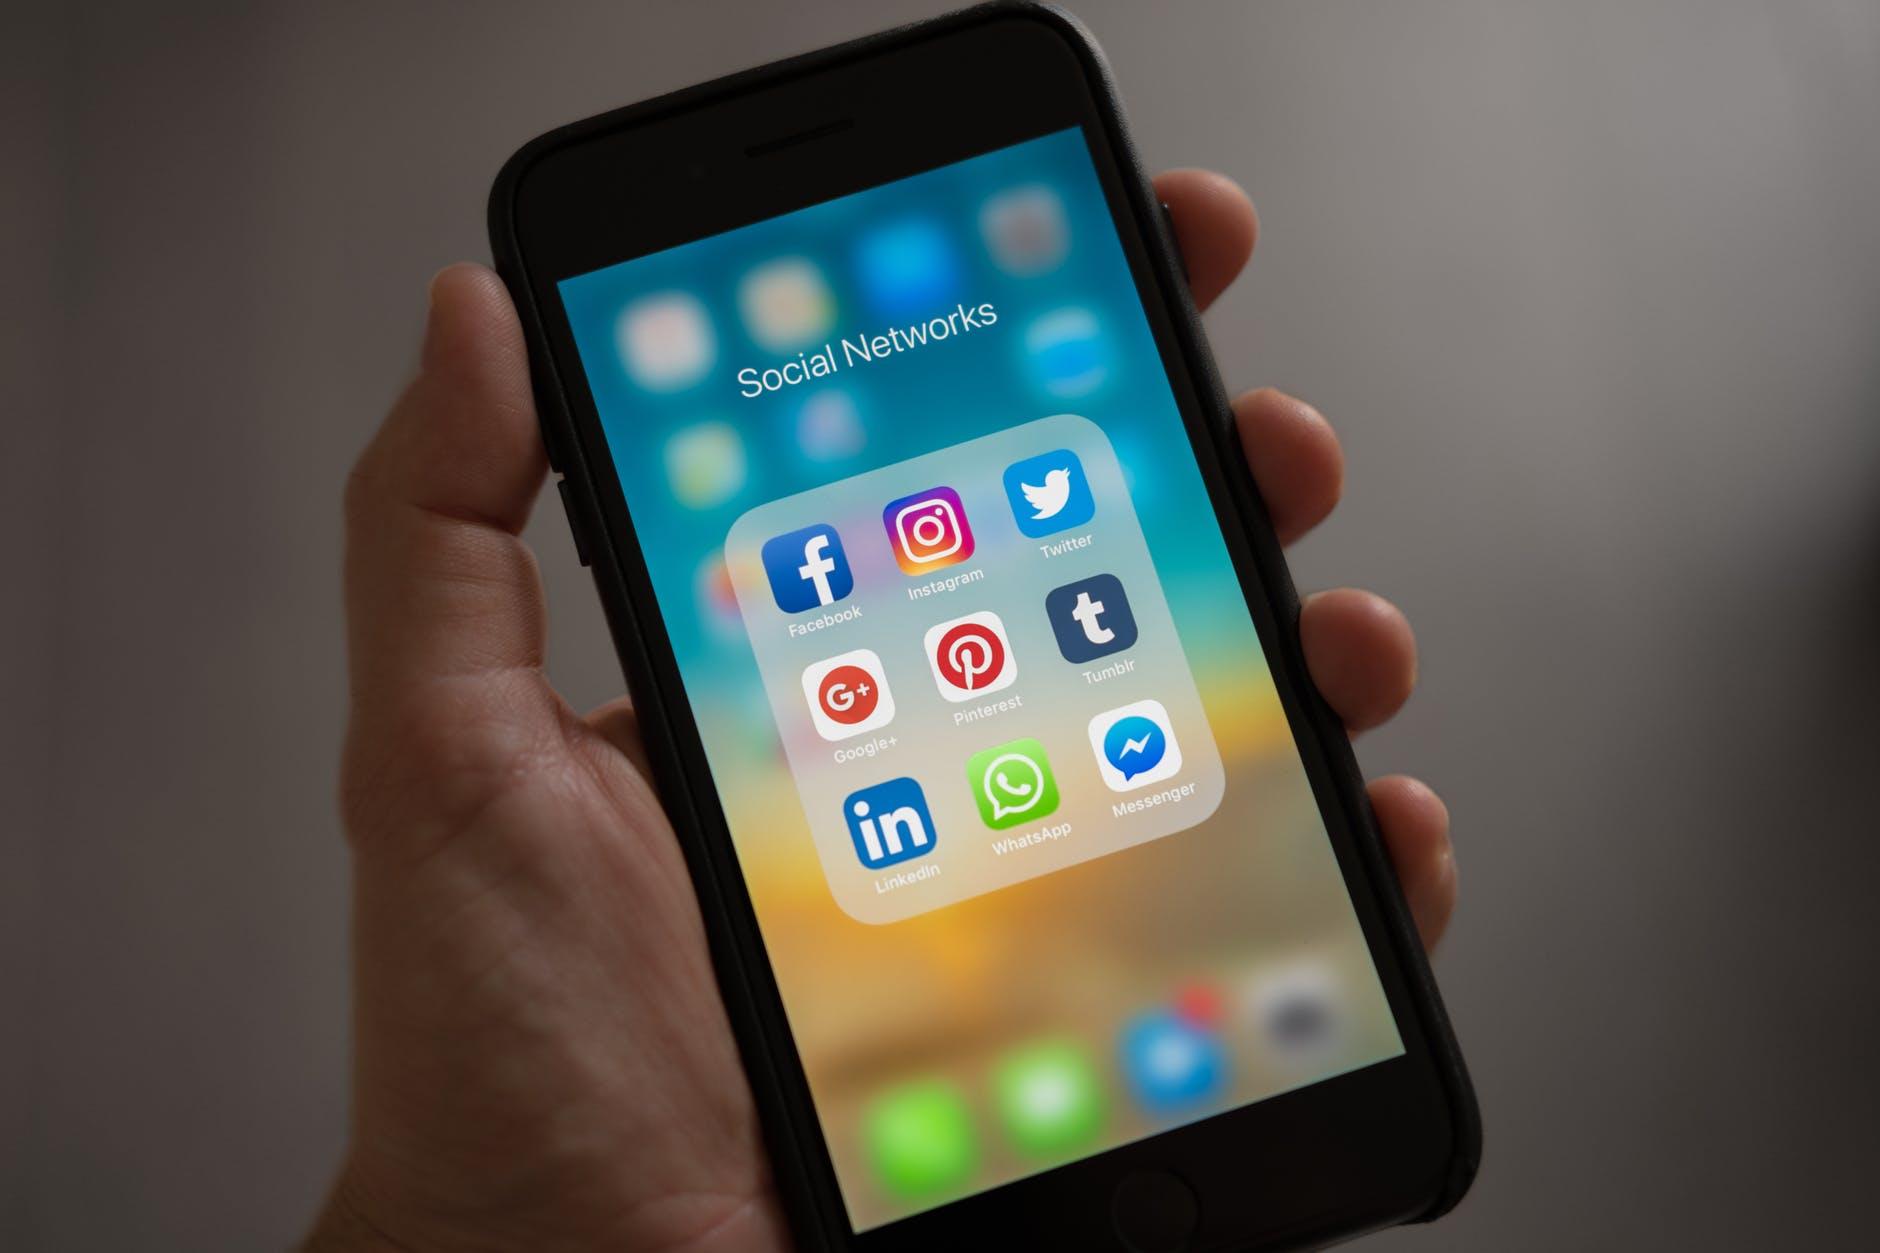 Réseaux sociaux : nouvelles plateformes e-commerce en herbe ?